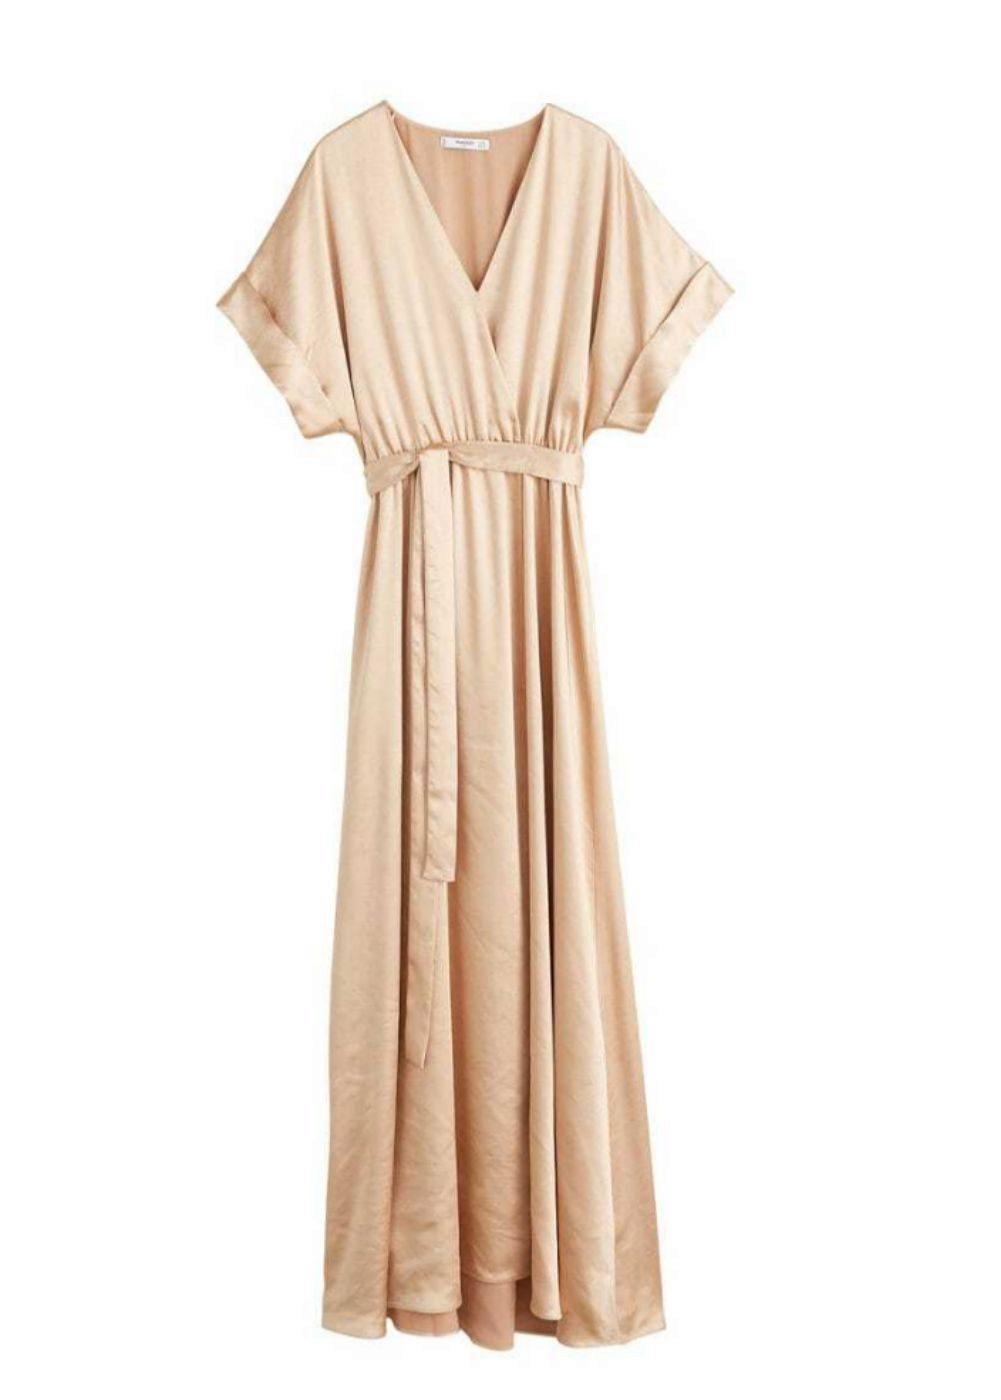 Vestido satinado con lazo, de Mango.(59,99 euros).